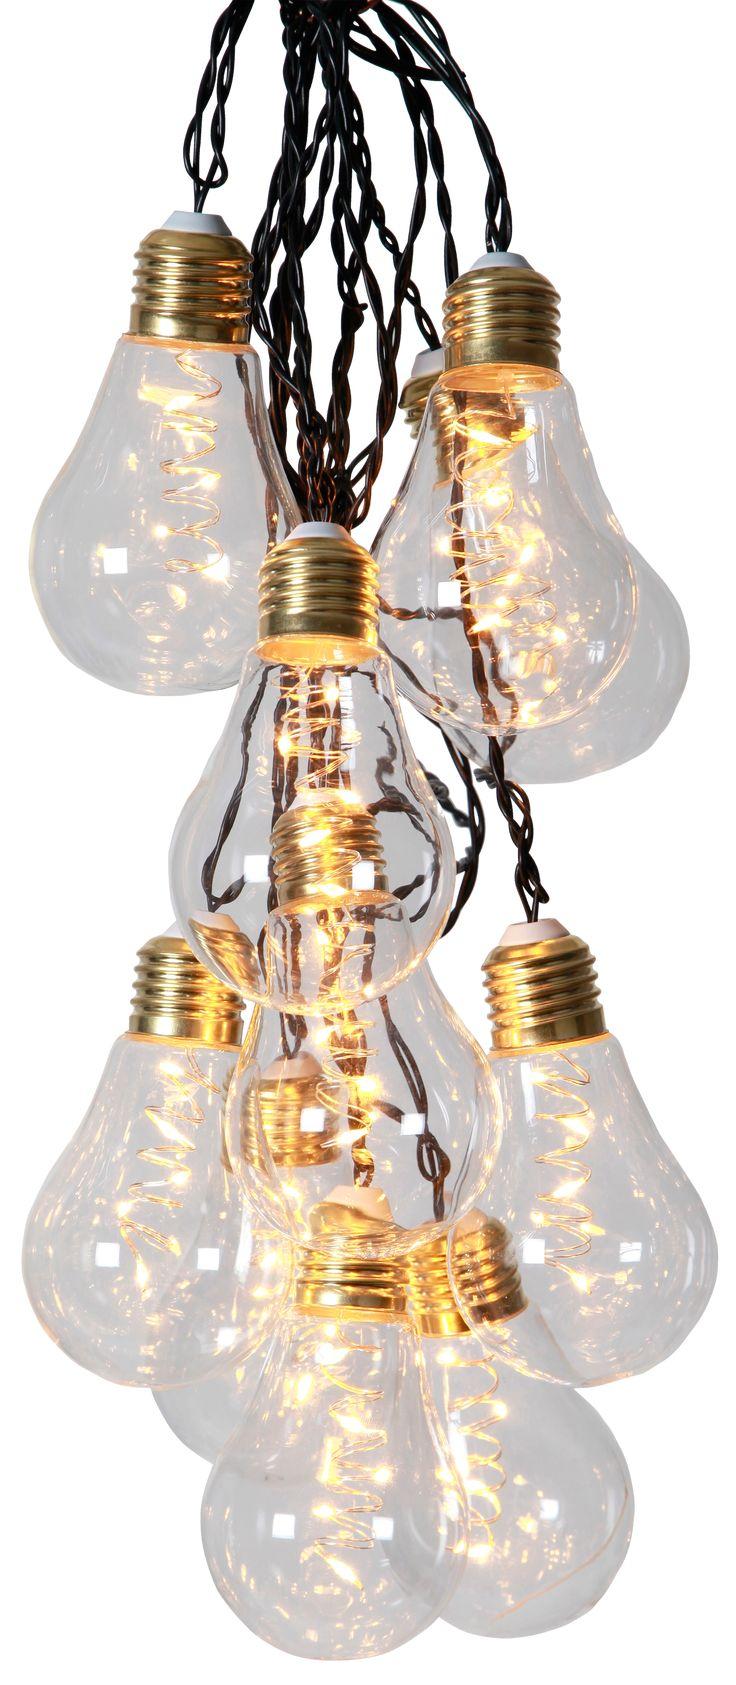 Lamporna är i glas med en mässings sockel. Transformator. Slingan är totalt 8,6 meter med 5 meter till första lampan. 10 LED lampor sammanlagt i varmvitt sken.